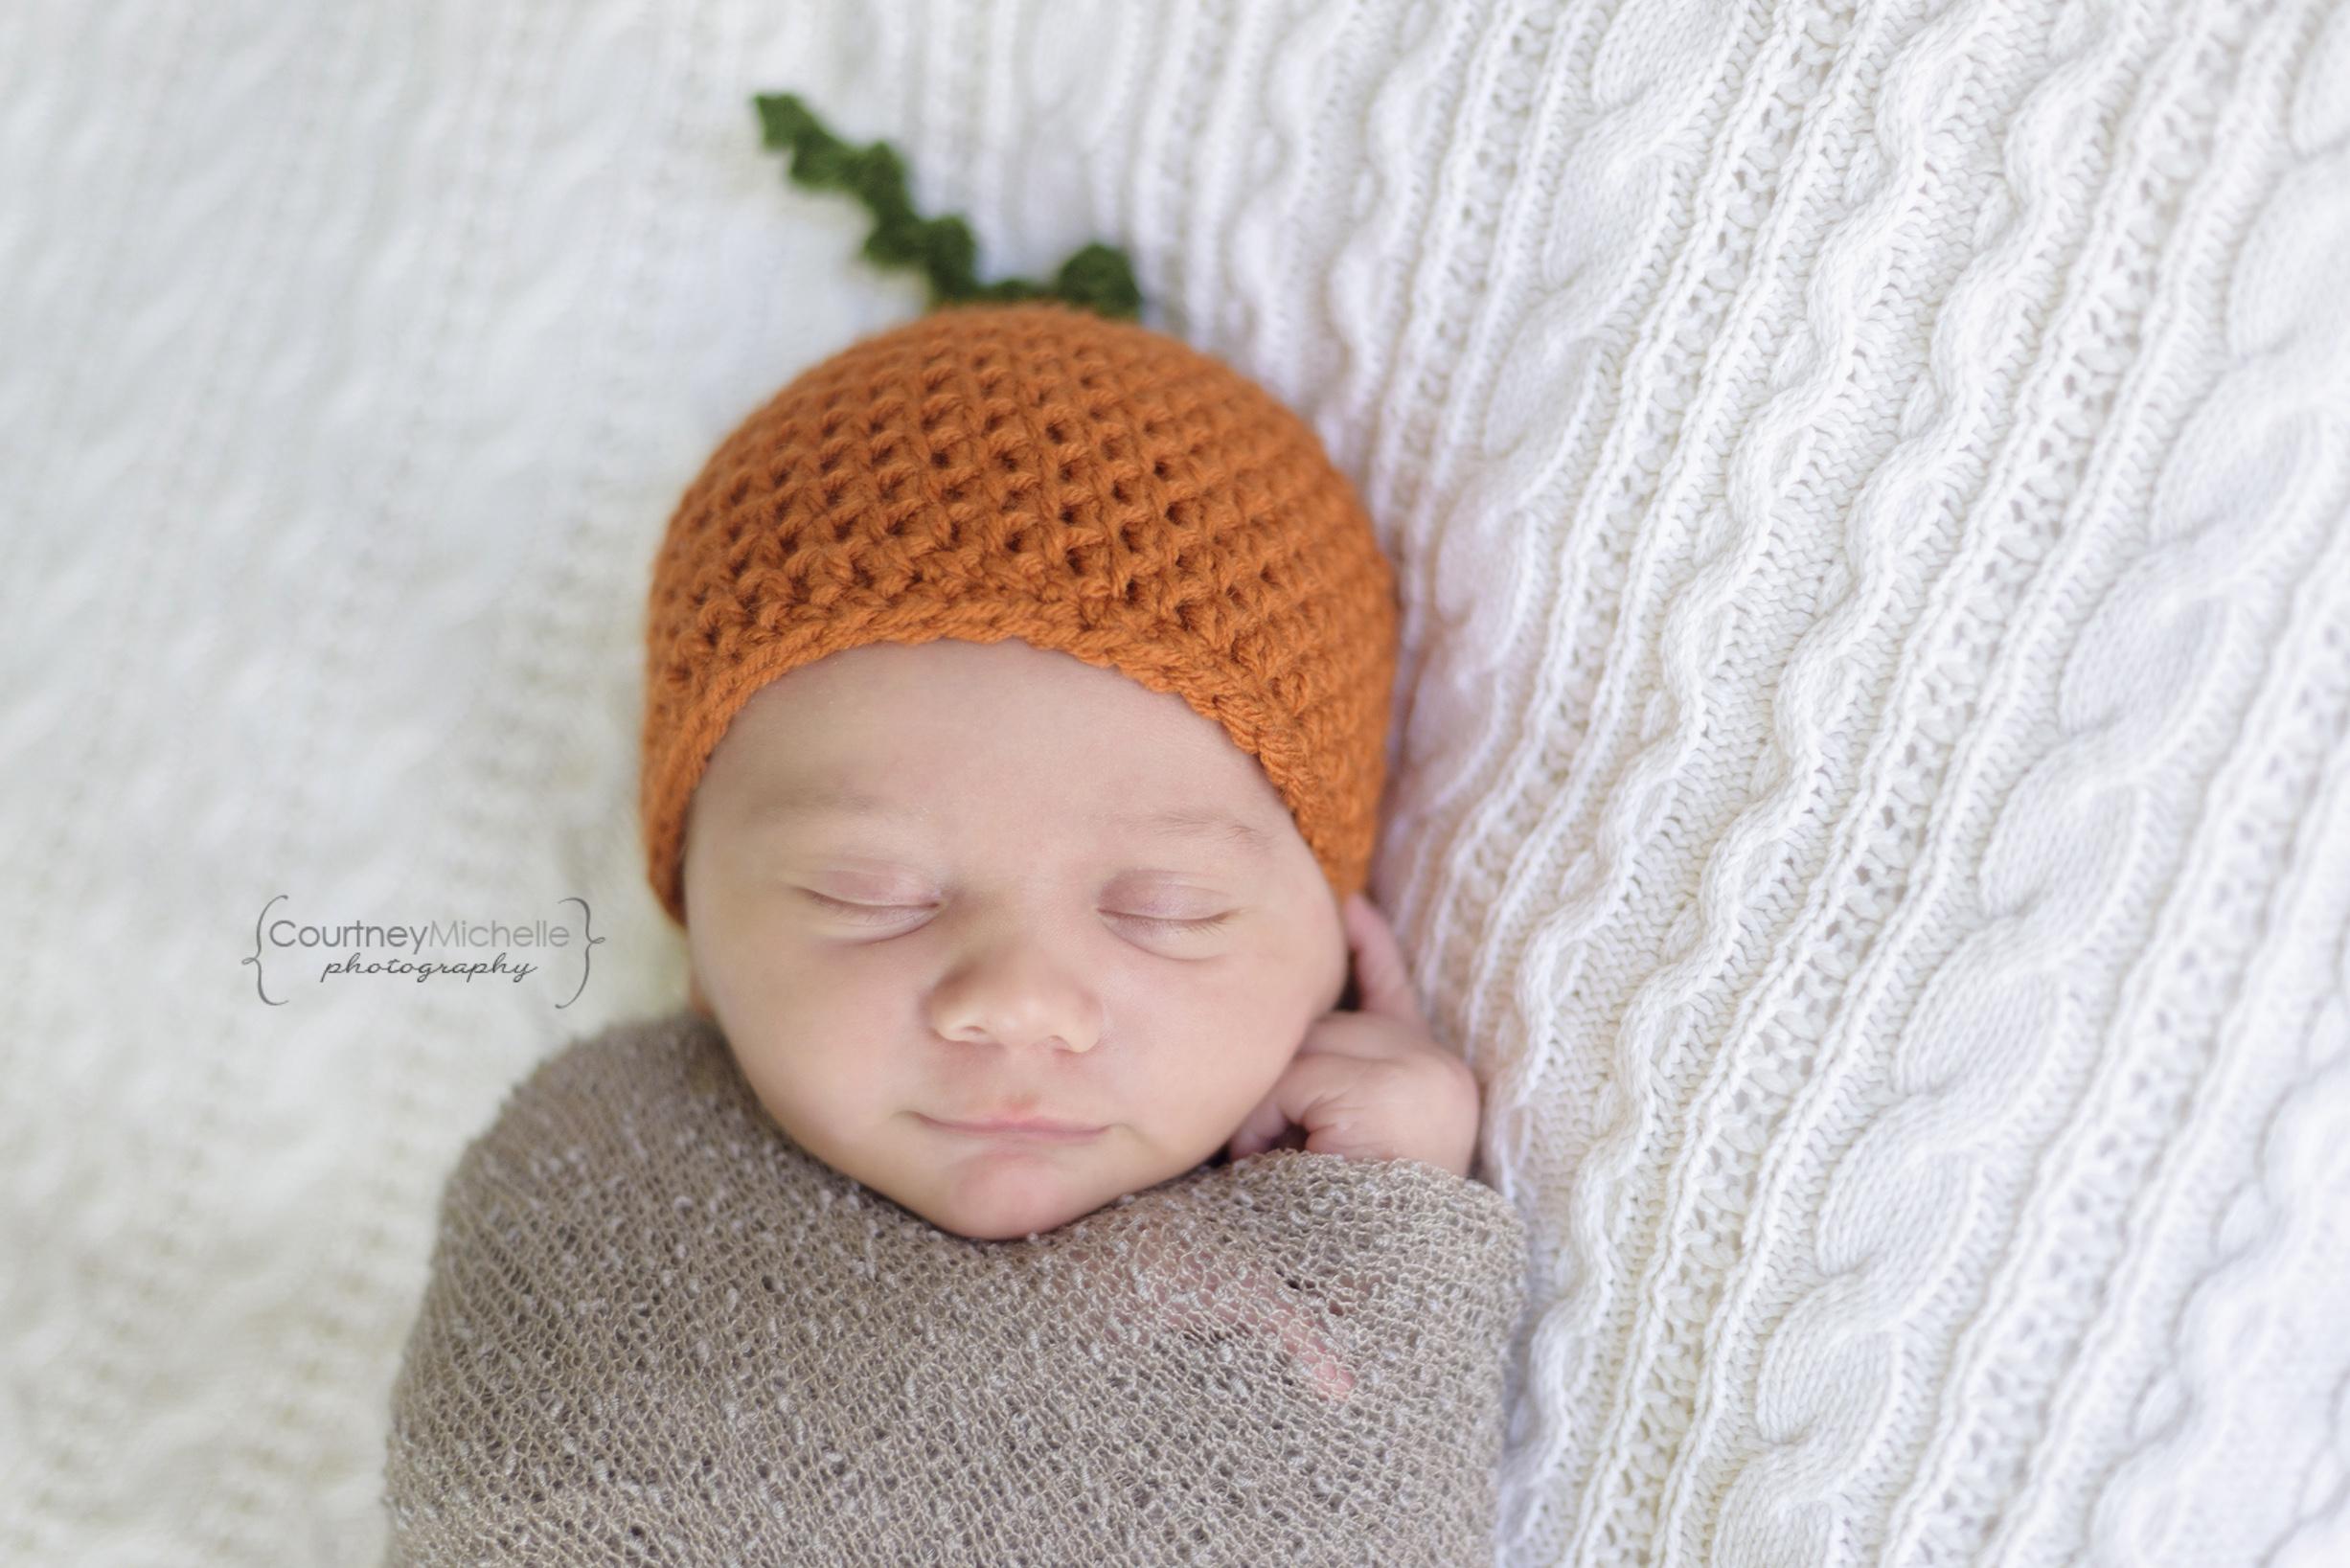 madison-newborn-photography-newborn-baby-in-pumpkin-hat©COPYRIGHTCMP-miller2018-5689edit.jpg